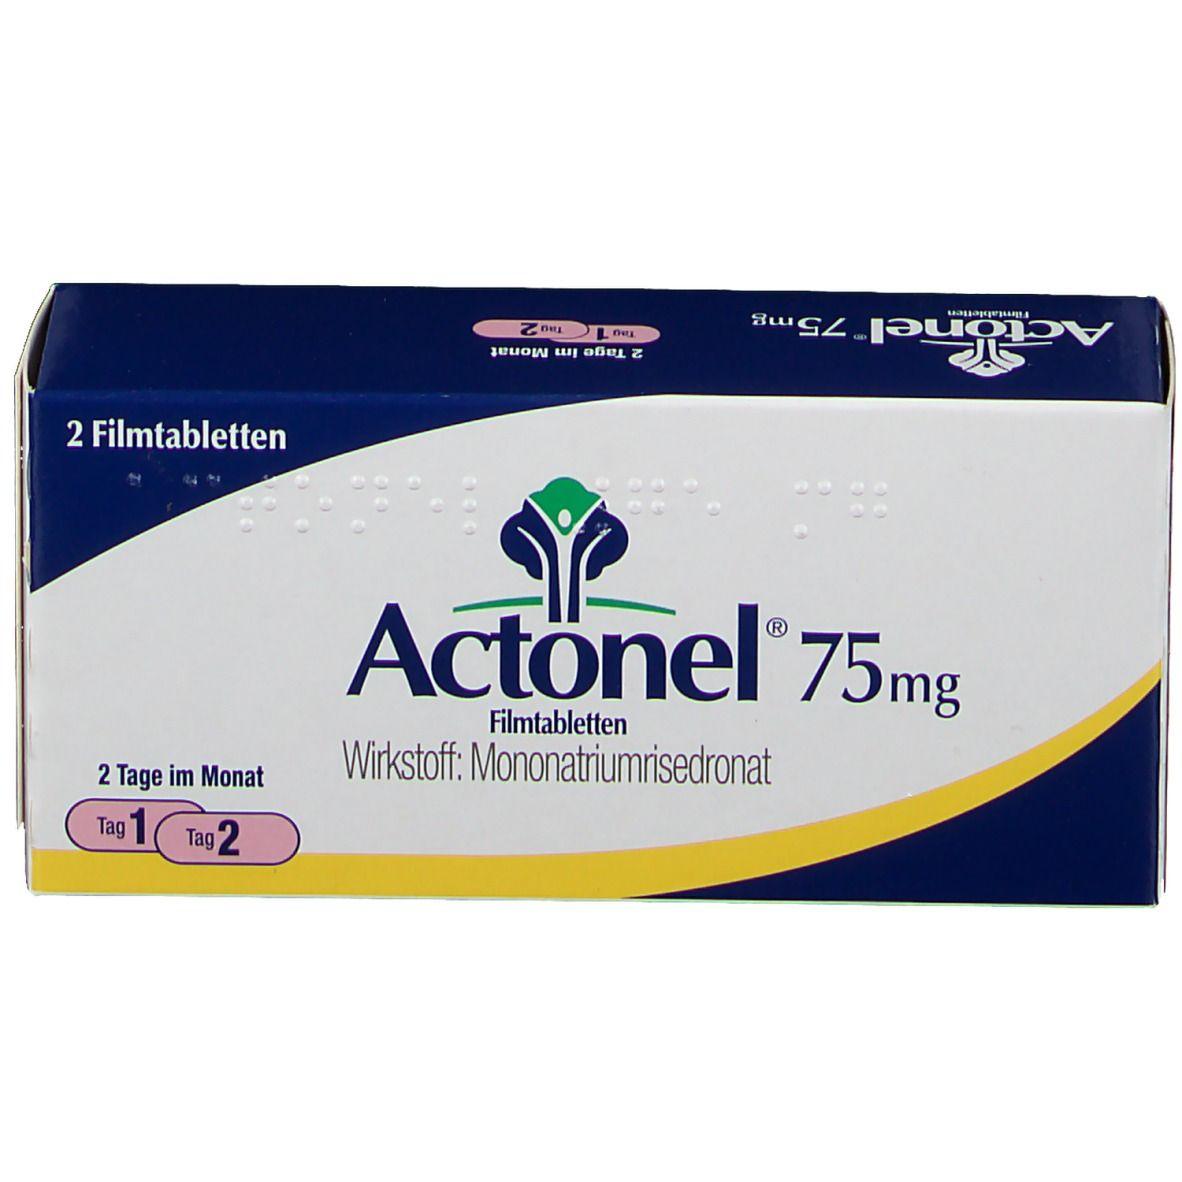 ACTONEL 75 mg Filmtabletten